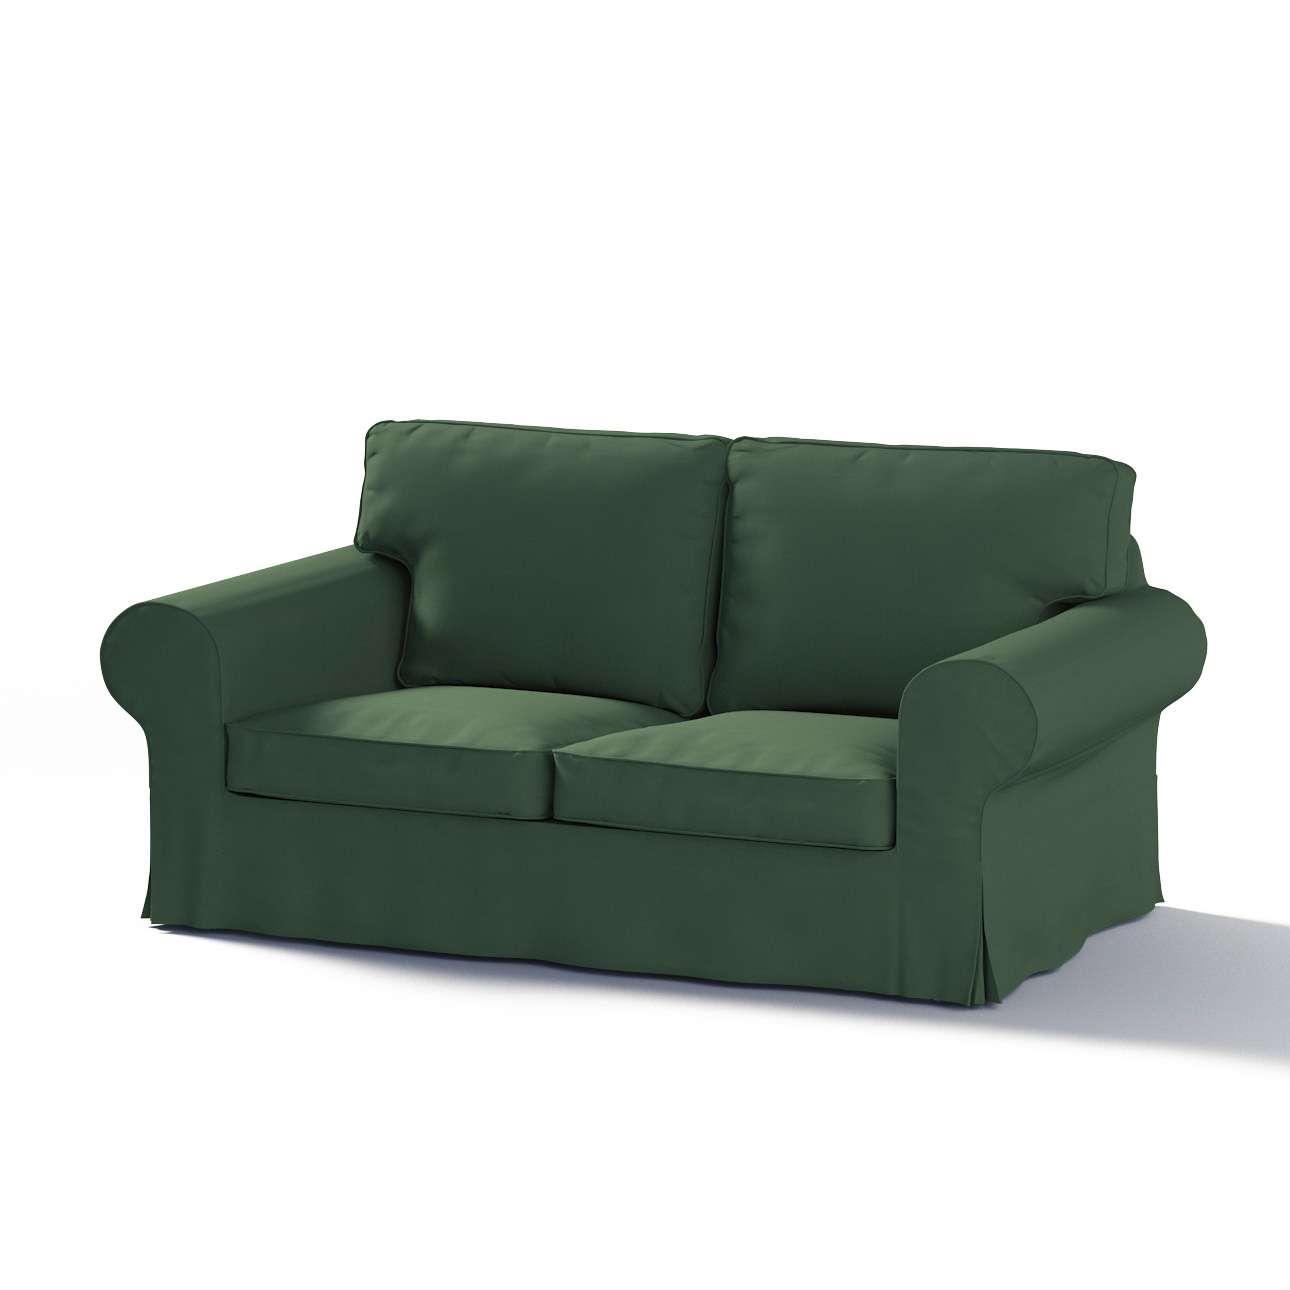 Potah na pohovku IKEA Ektorp 2-místná rozkládací  NOVÝ MODEL od 2012 Ektorp 2012 v kolekci Cotton Panama, látka: 702-06